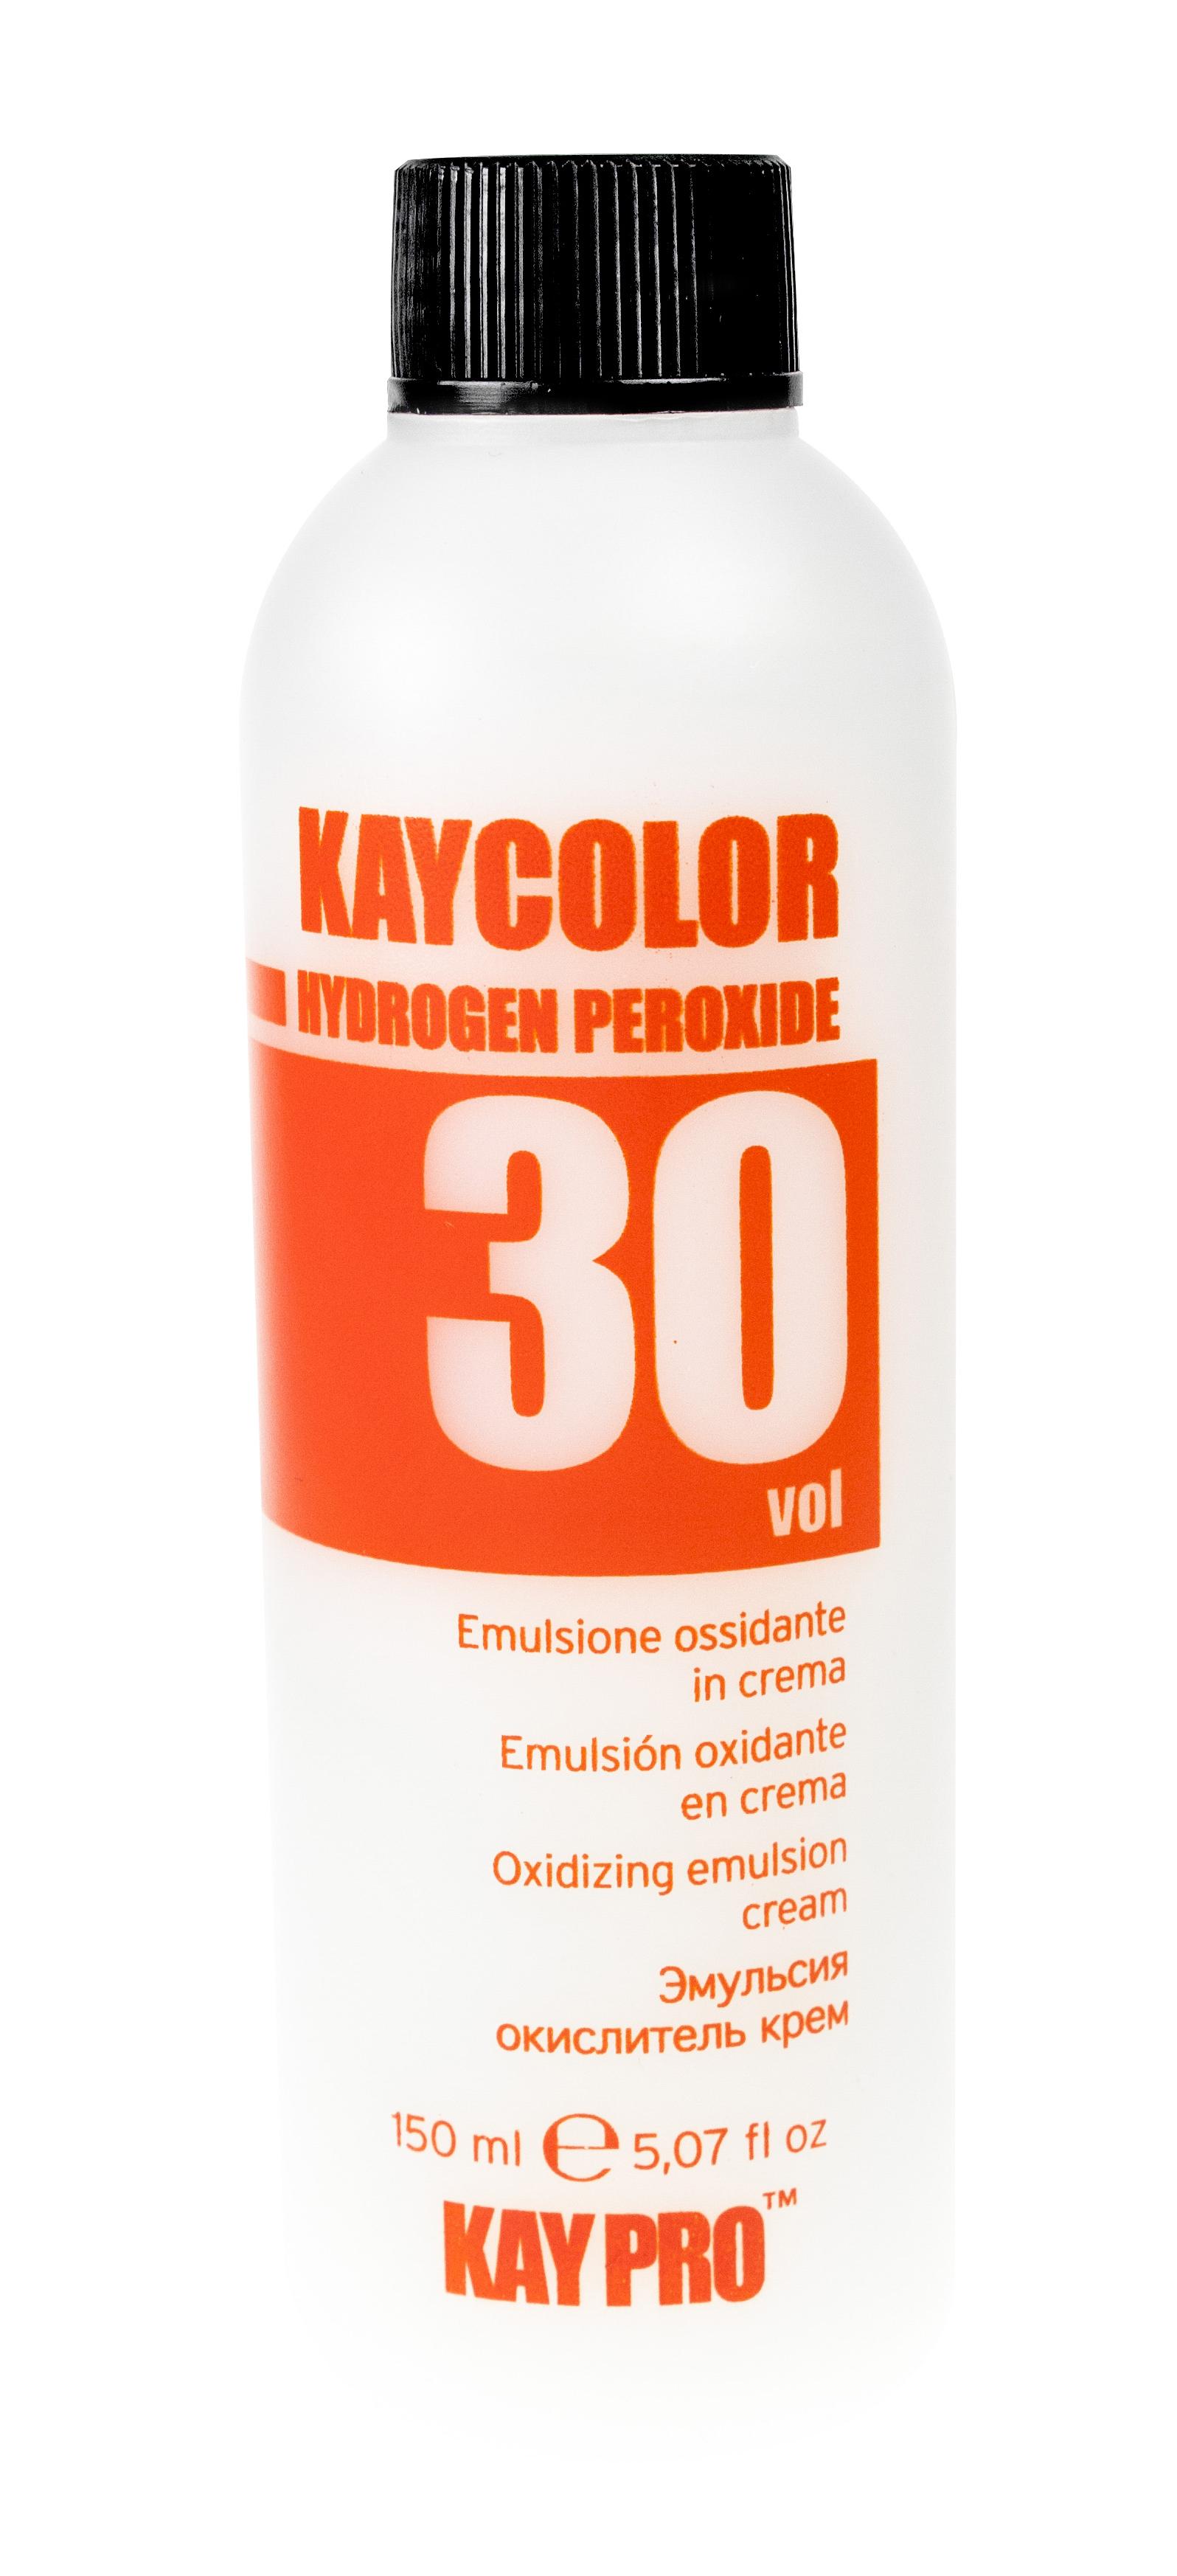 KAYPRO Эмульсия окислительная 30 vol (9%) / KAY COLOR 150мл